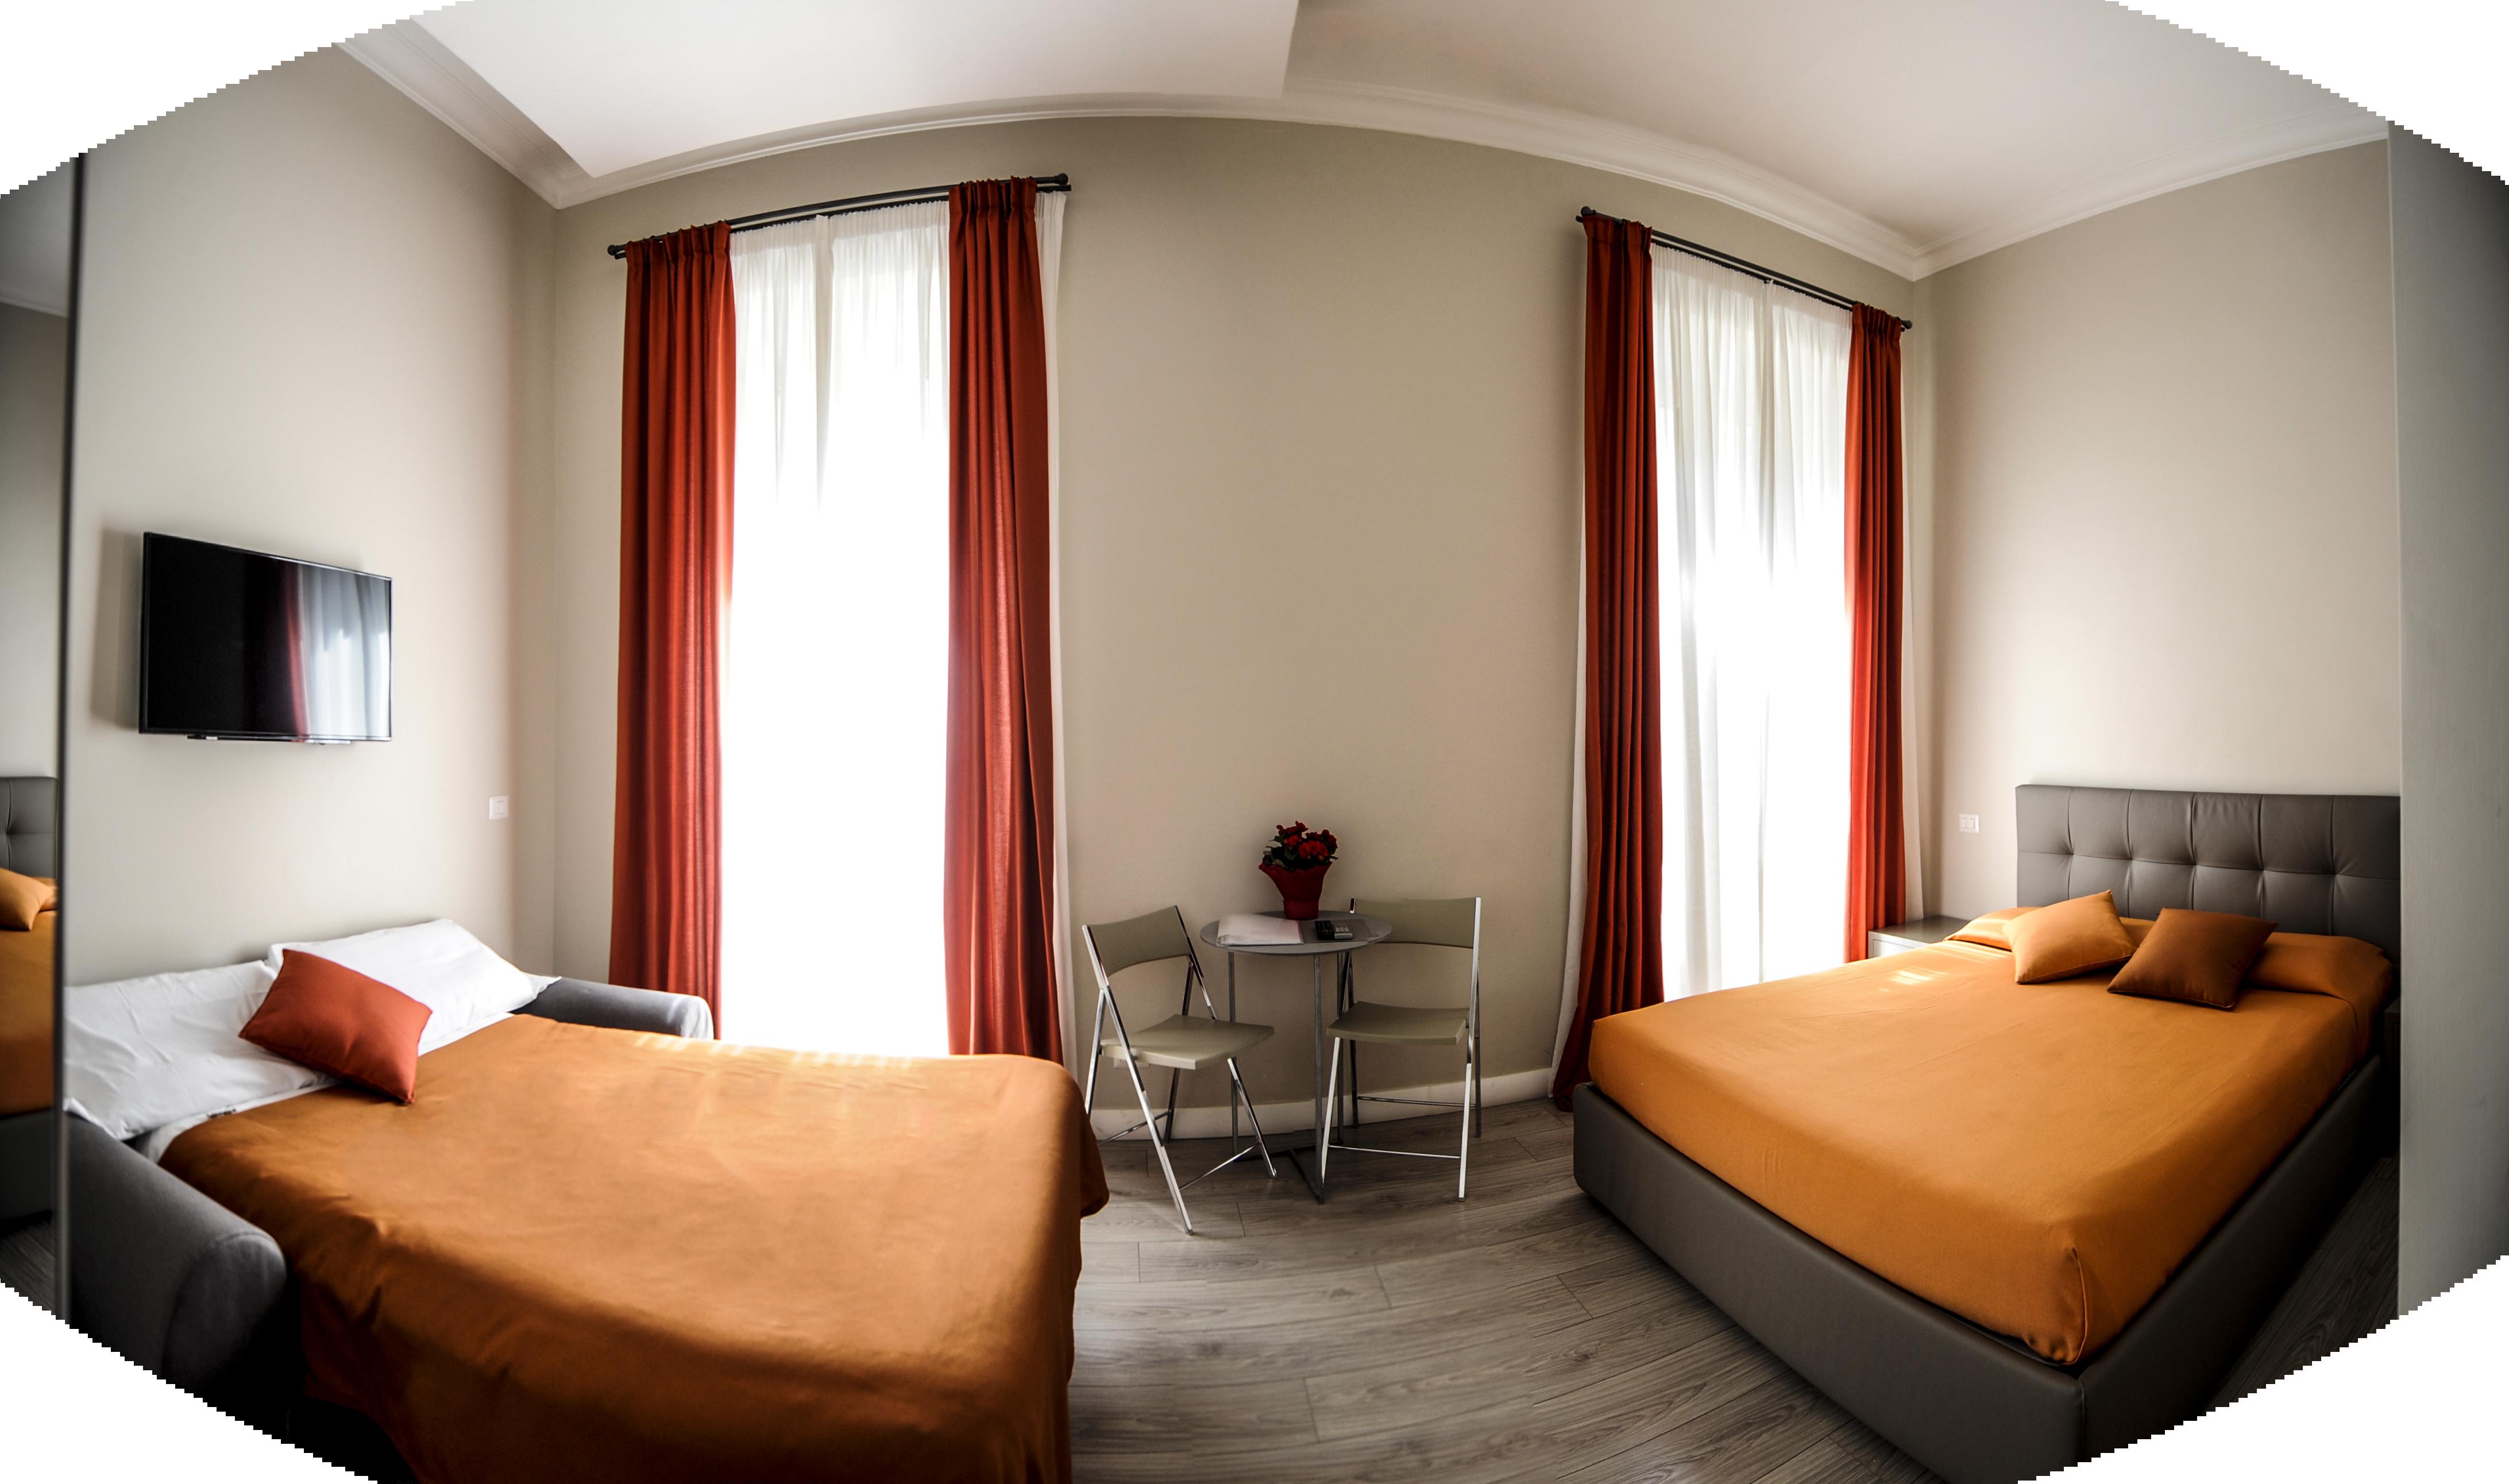 cleopatra bedrooms